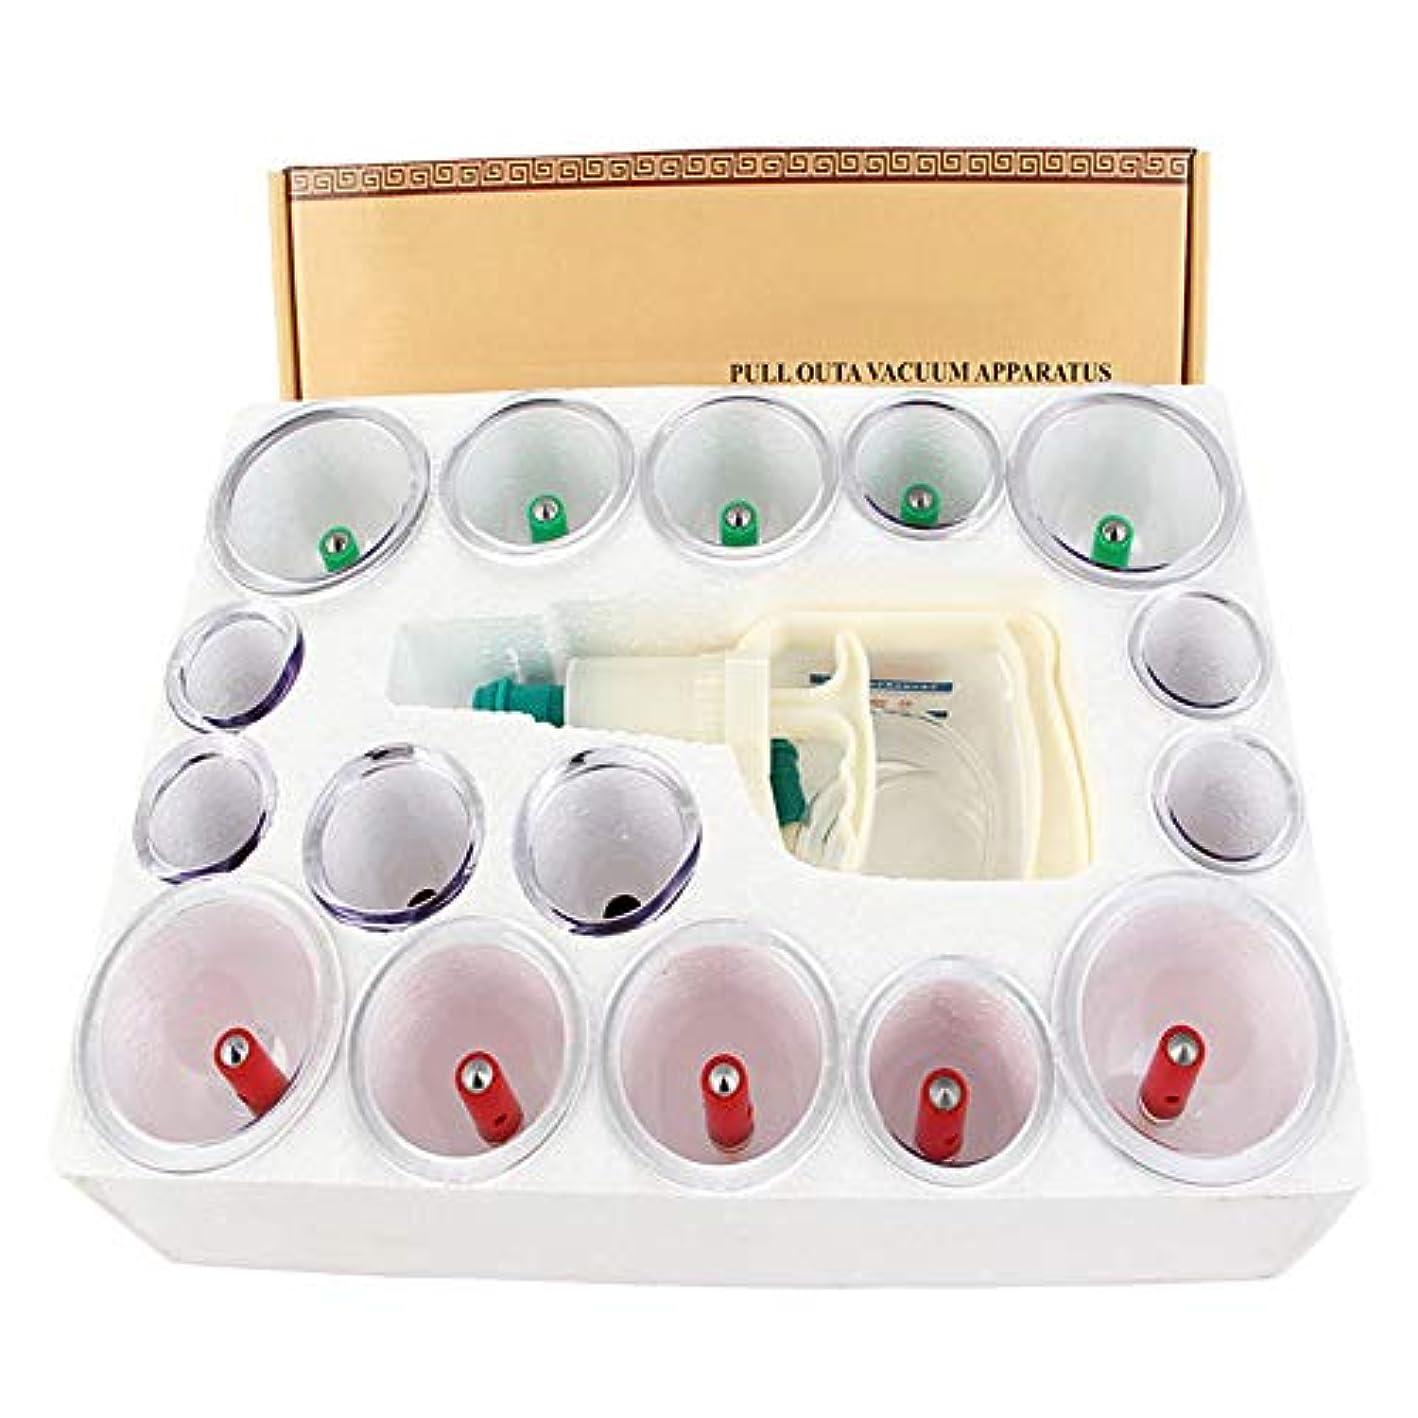 食事驚くべき胆嚢16カップカッピングセットプラスチック、カッピングバキュームプロフェッショナルサクションバイオマグネティック、在宅医療、バキュームマグネティックポンプ付き、女性と男性用、ストレスと筋肉の緩和